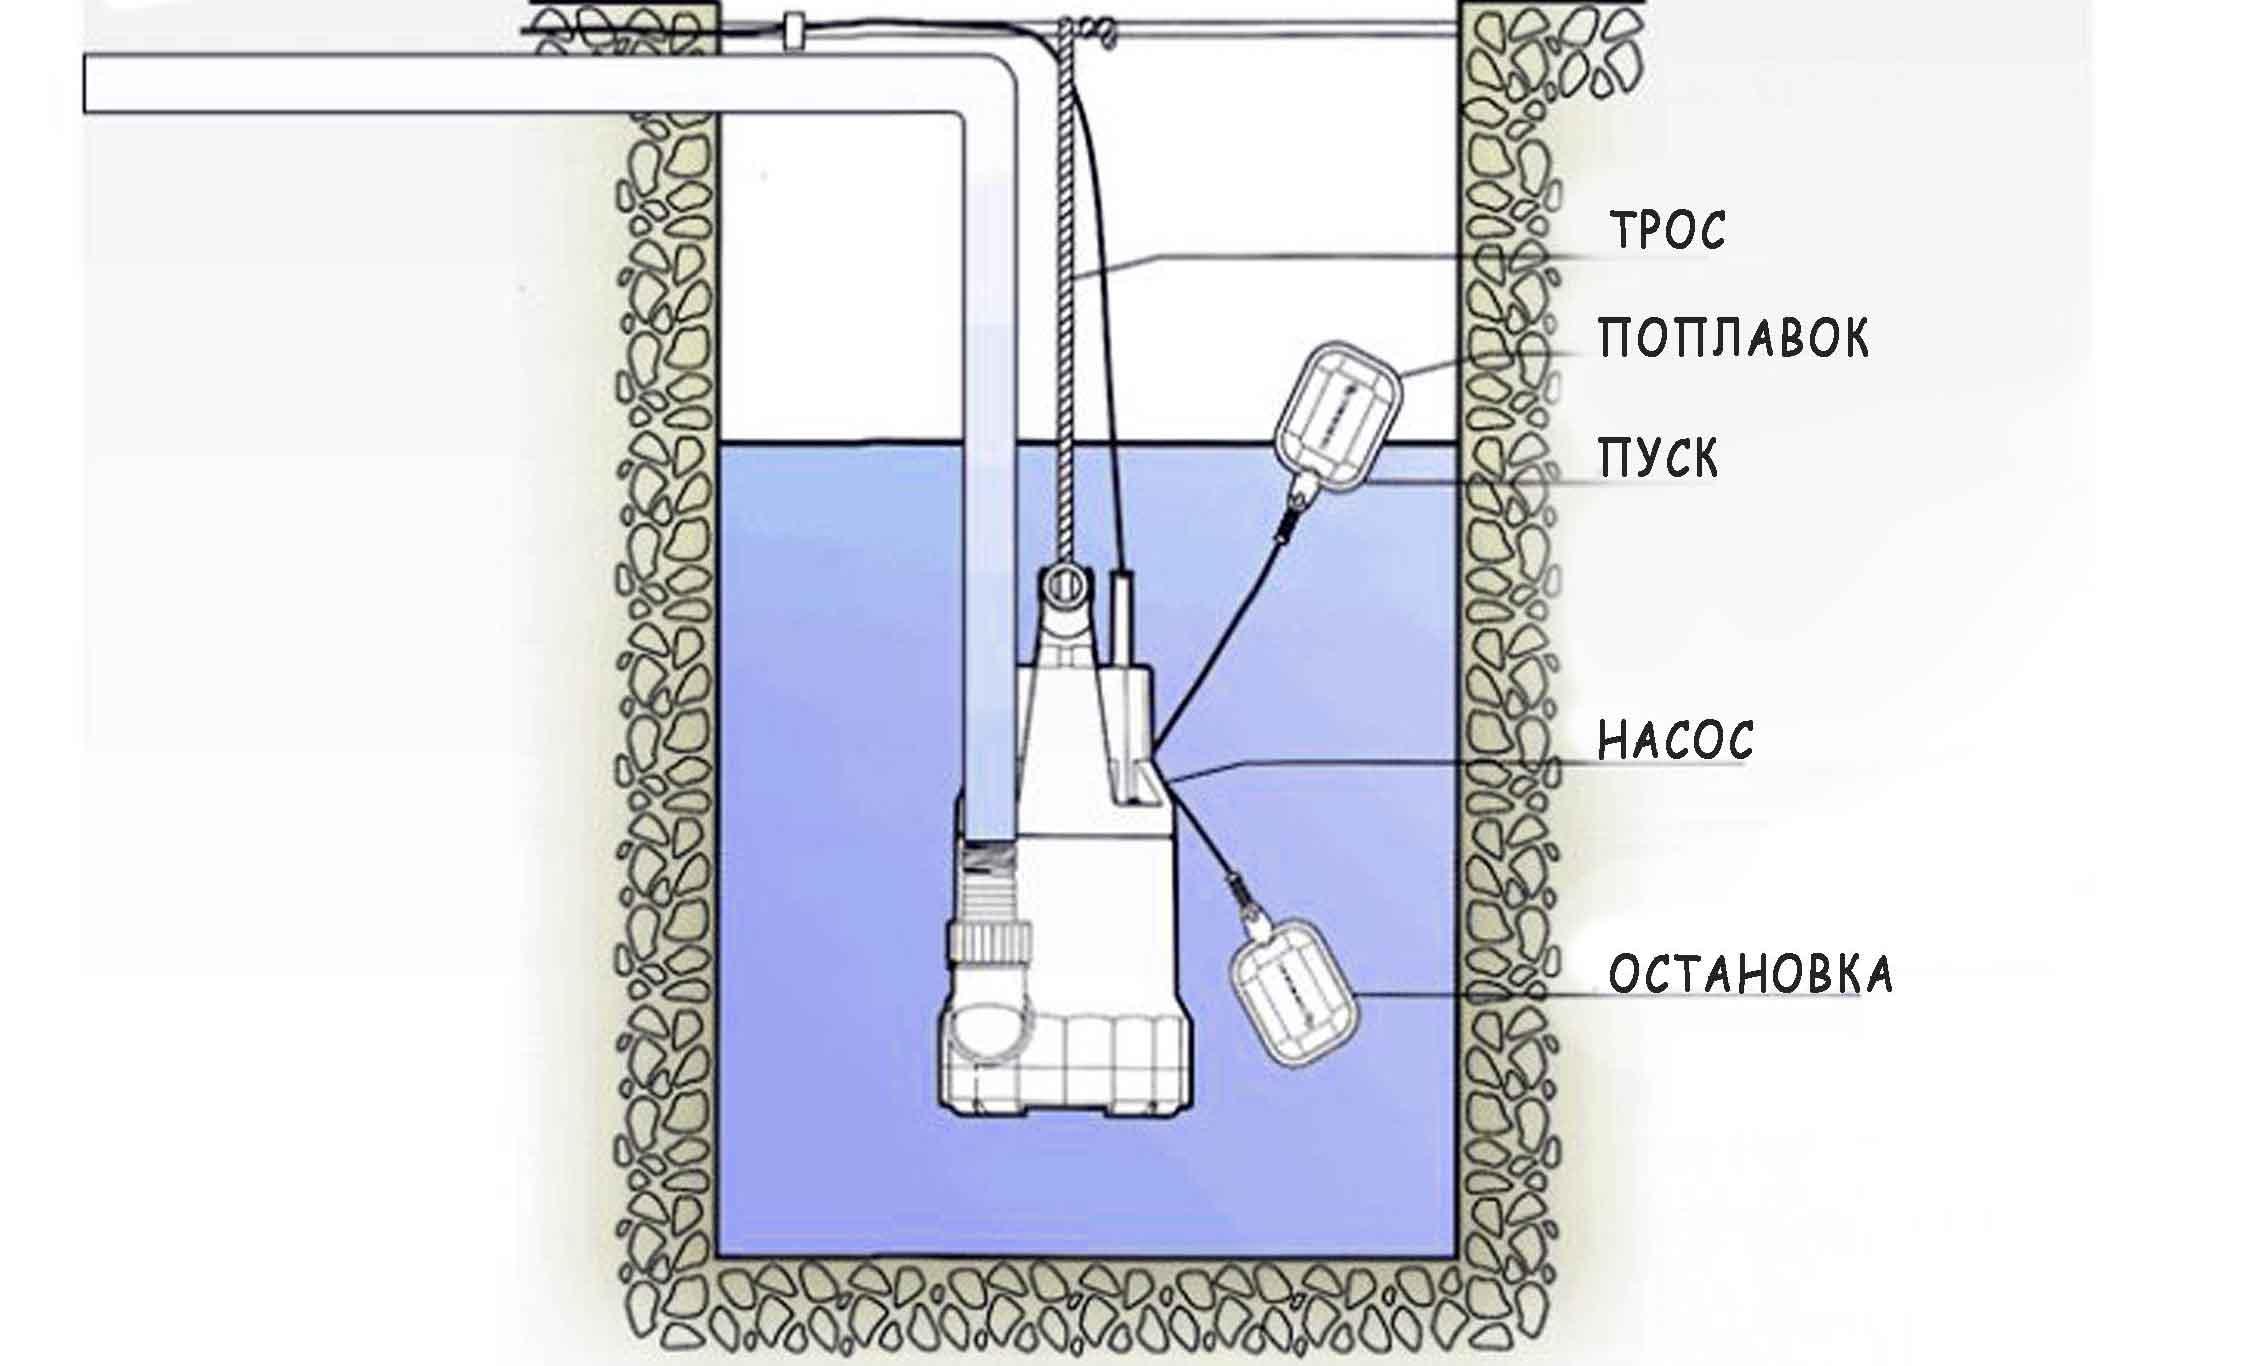 Дренажный насос для клодца и скважины схема работы